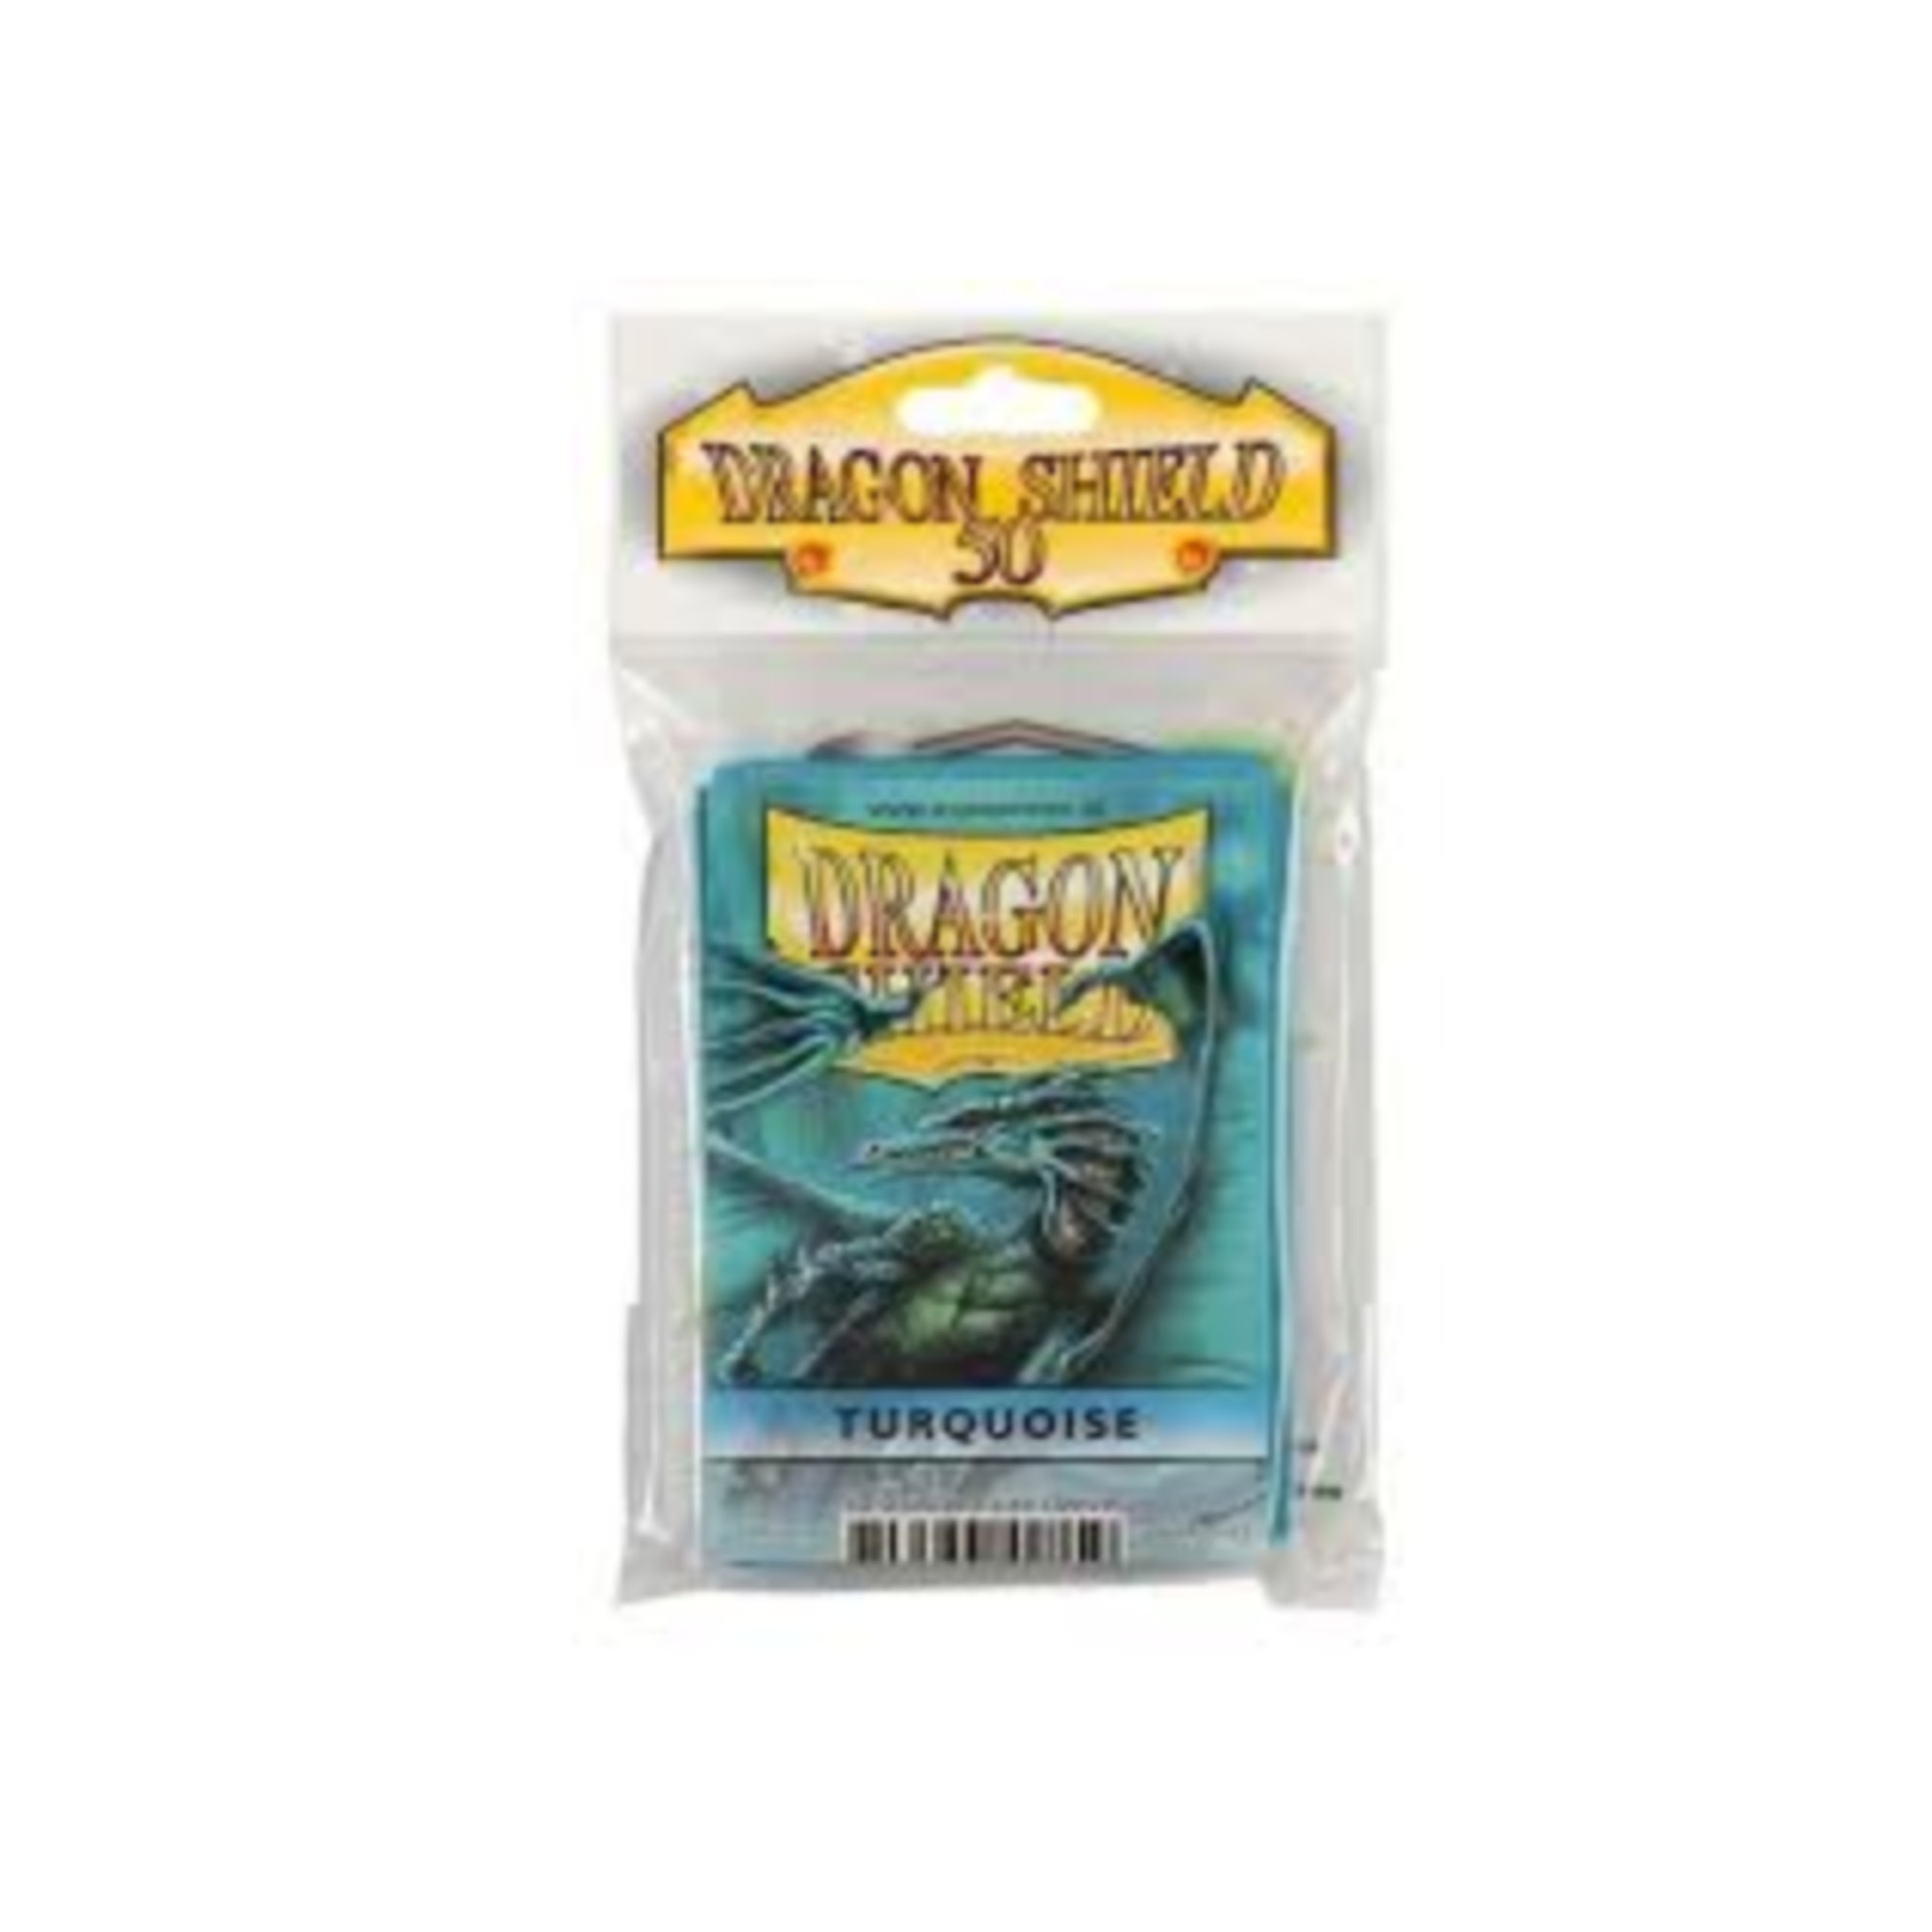 Arcane Tinmen Dragon Shields: (50) Classic Turquoise